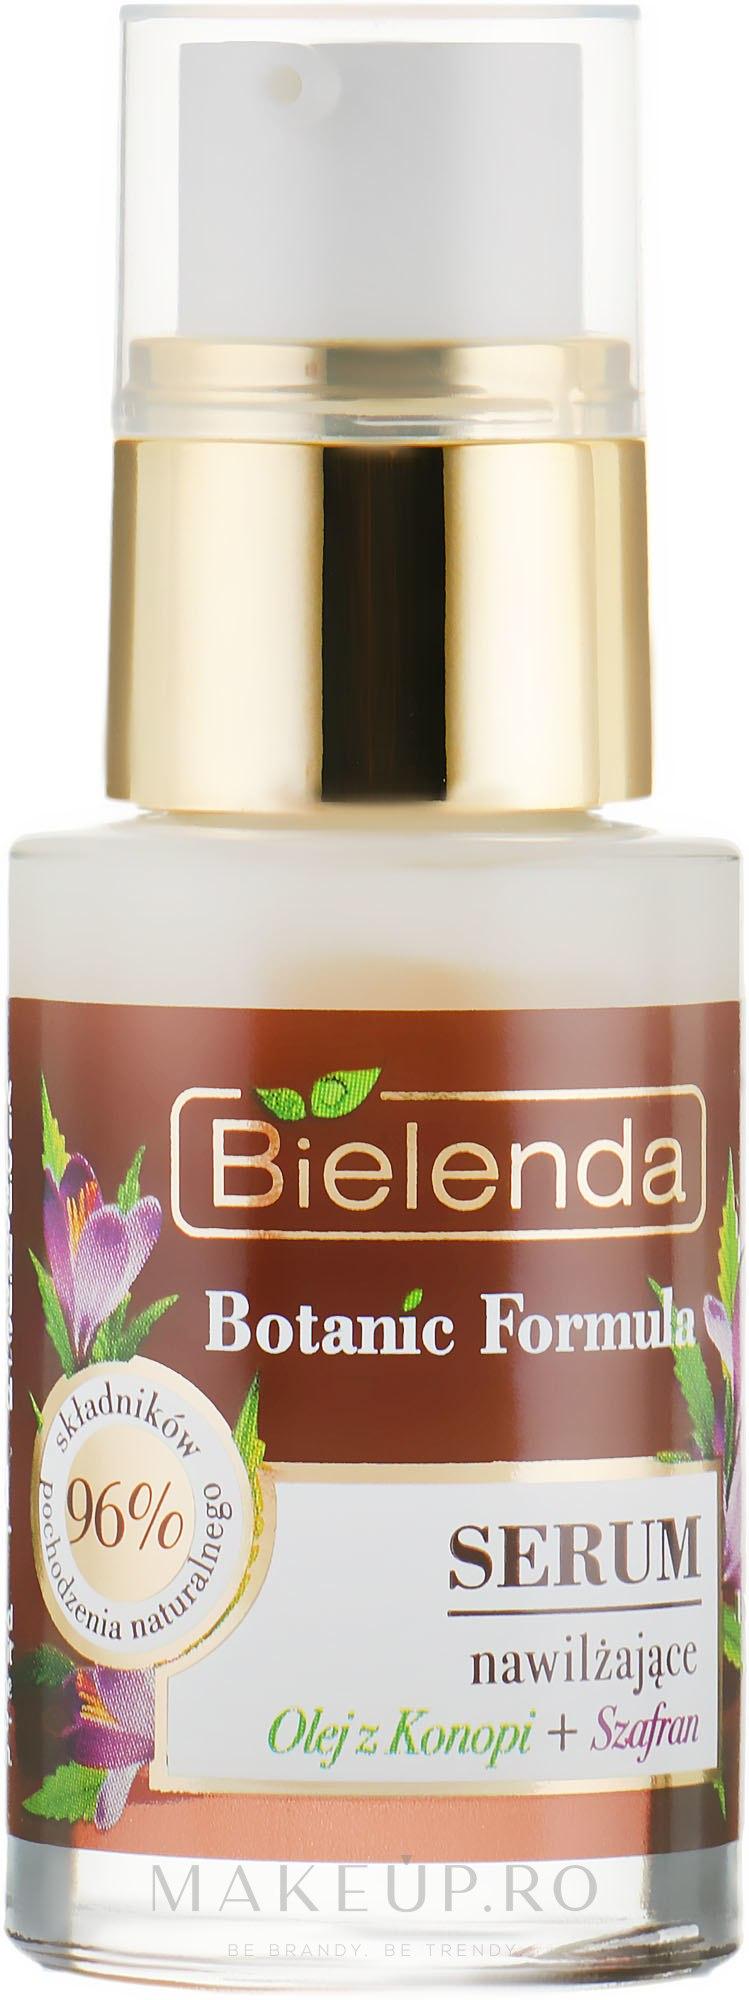 Ser hidratant pentru față - Bielenda Botanic Formula Hemp Oil + Saffron Moisturizing Serum — Imagine 15 ml